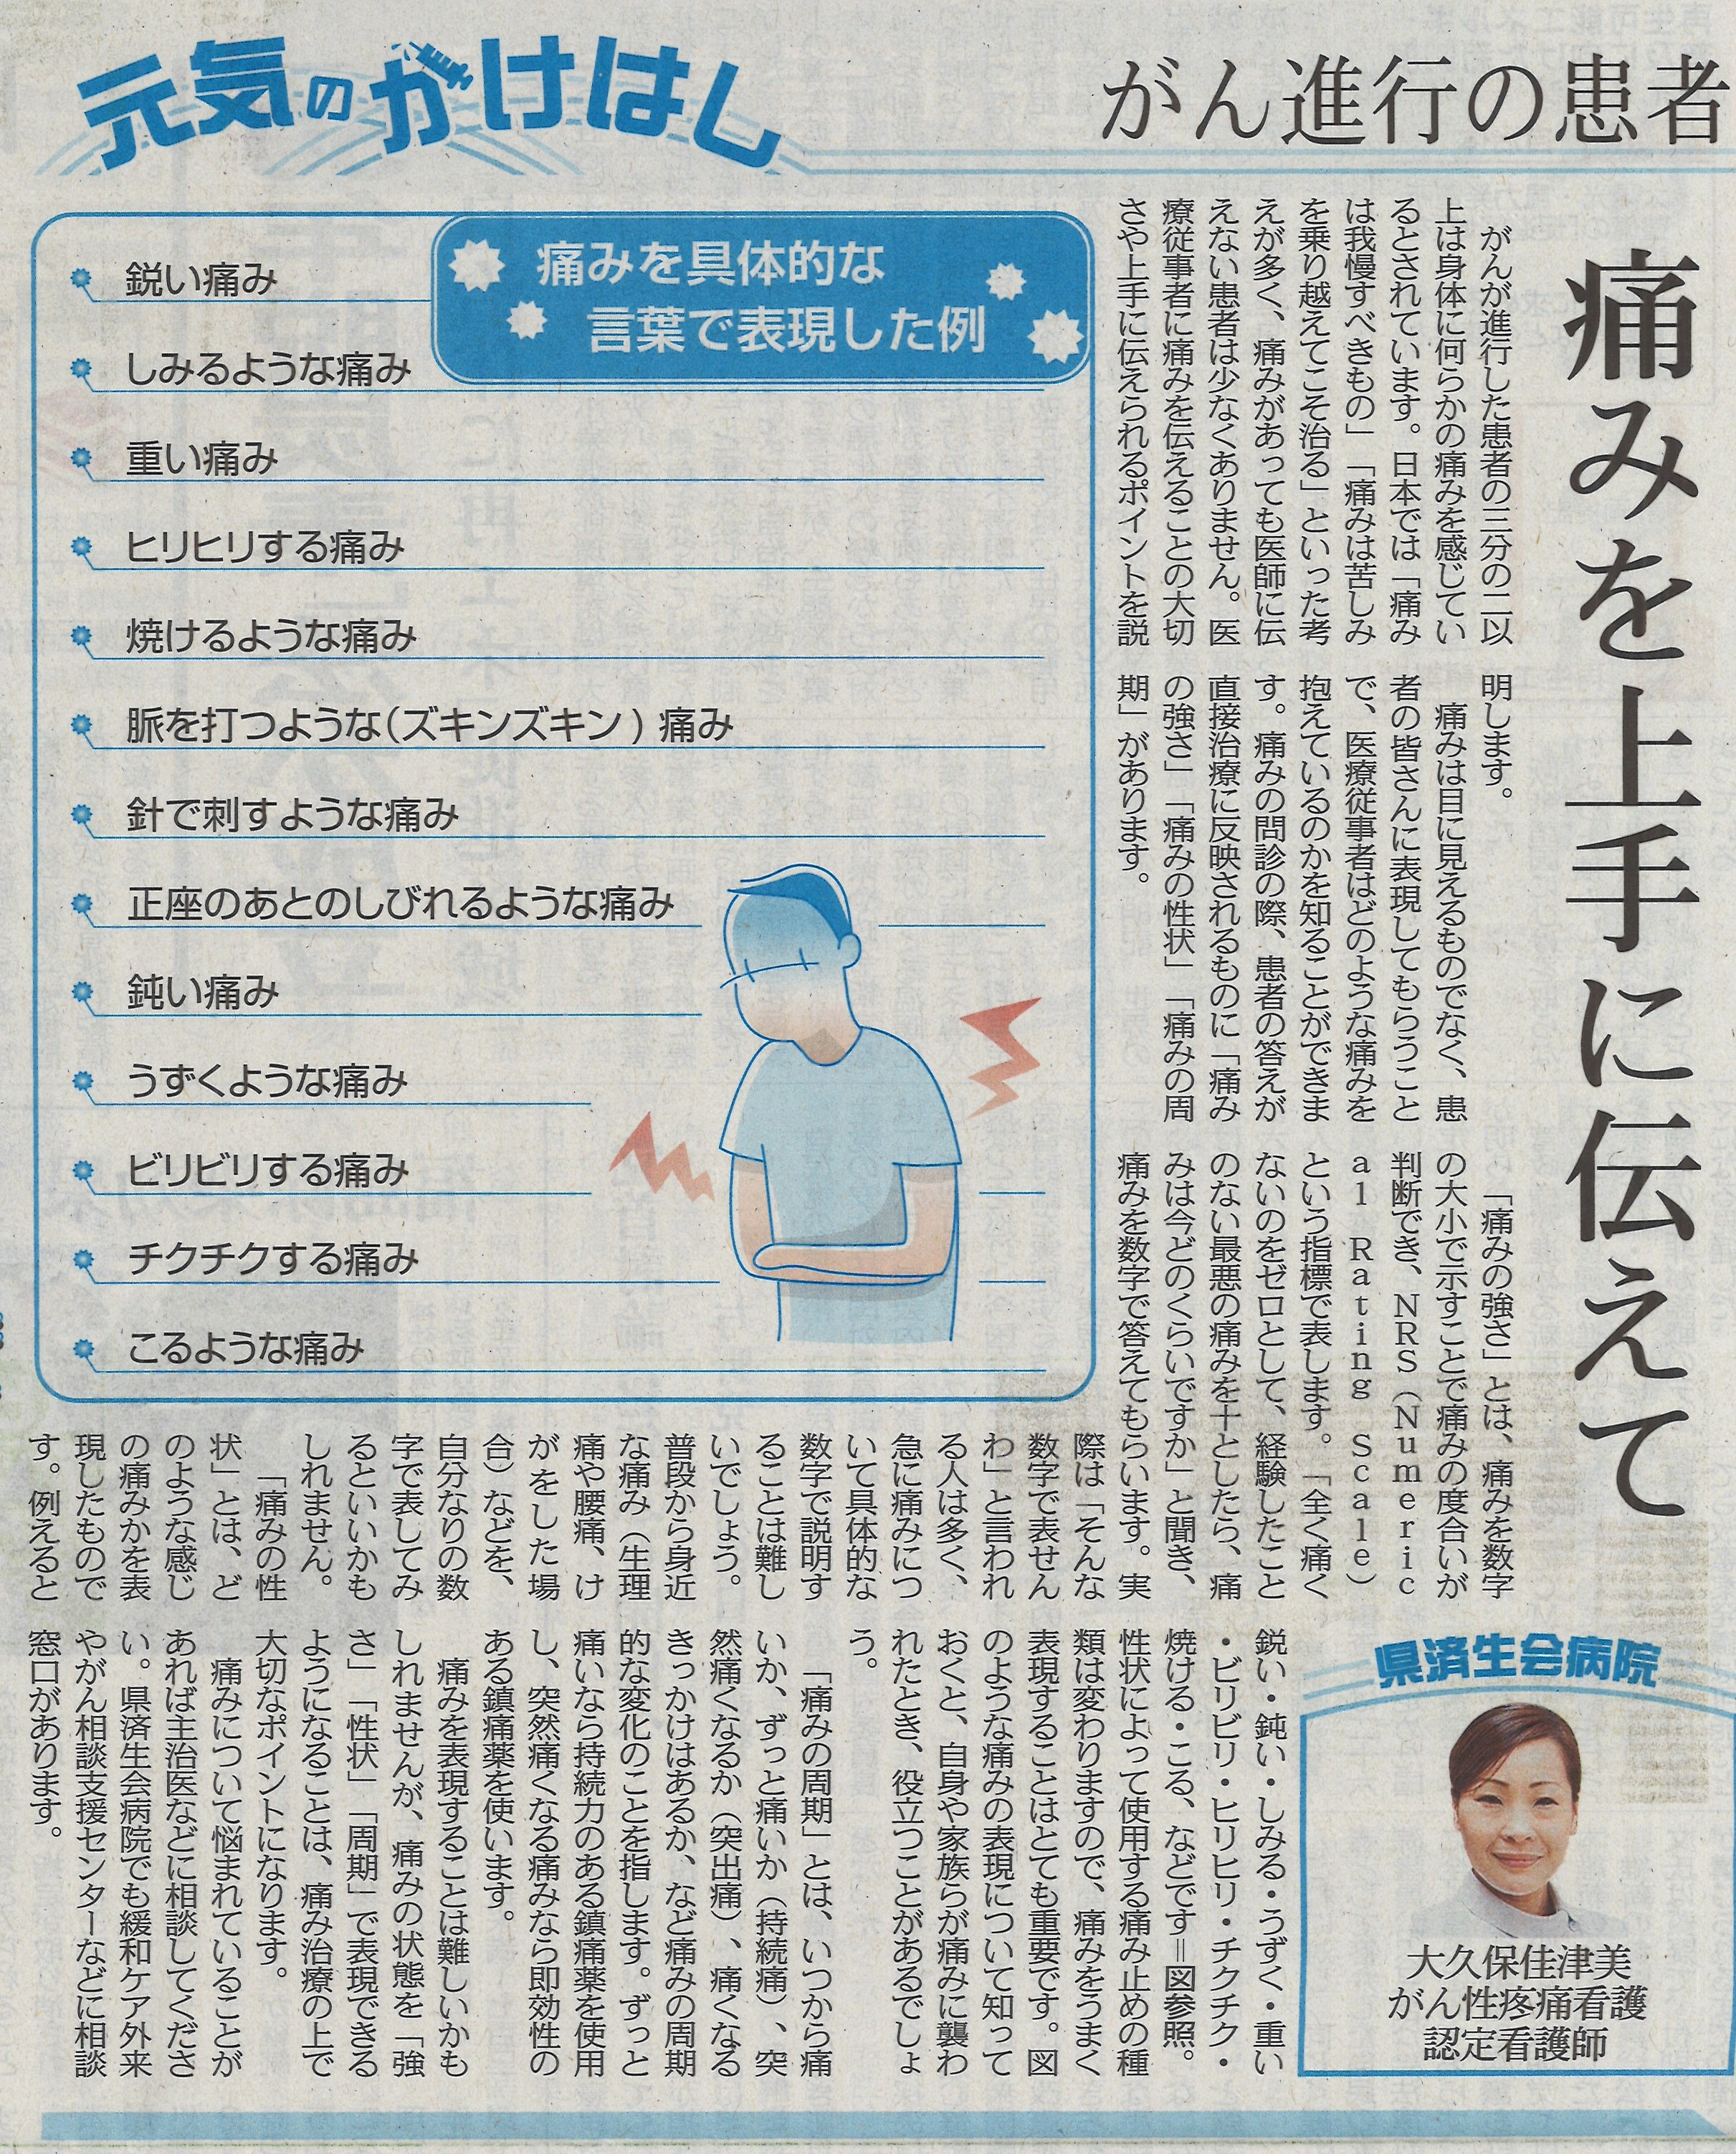 2021年5月27日 日刊県民福井